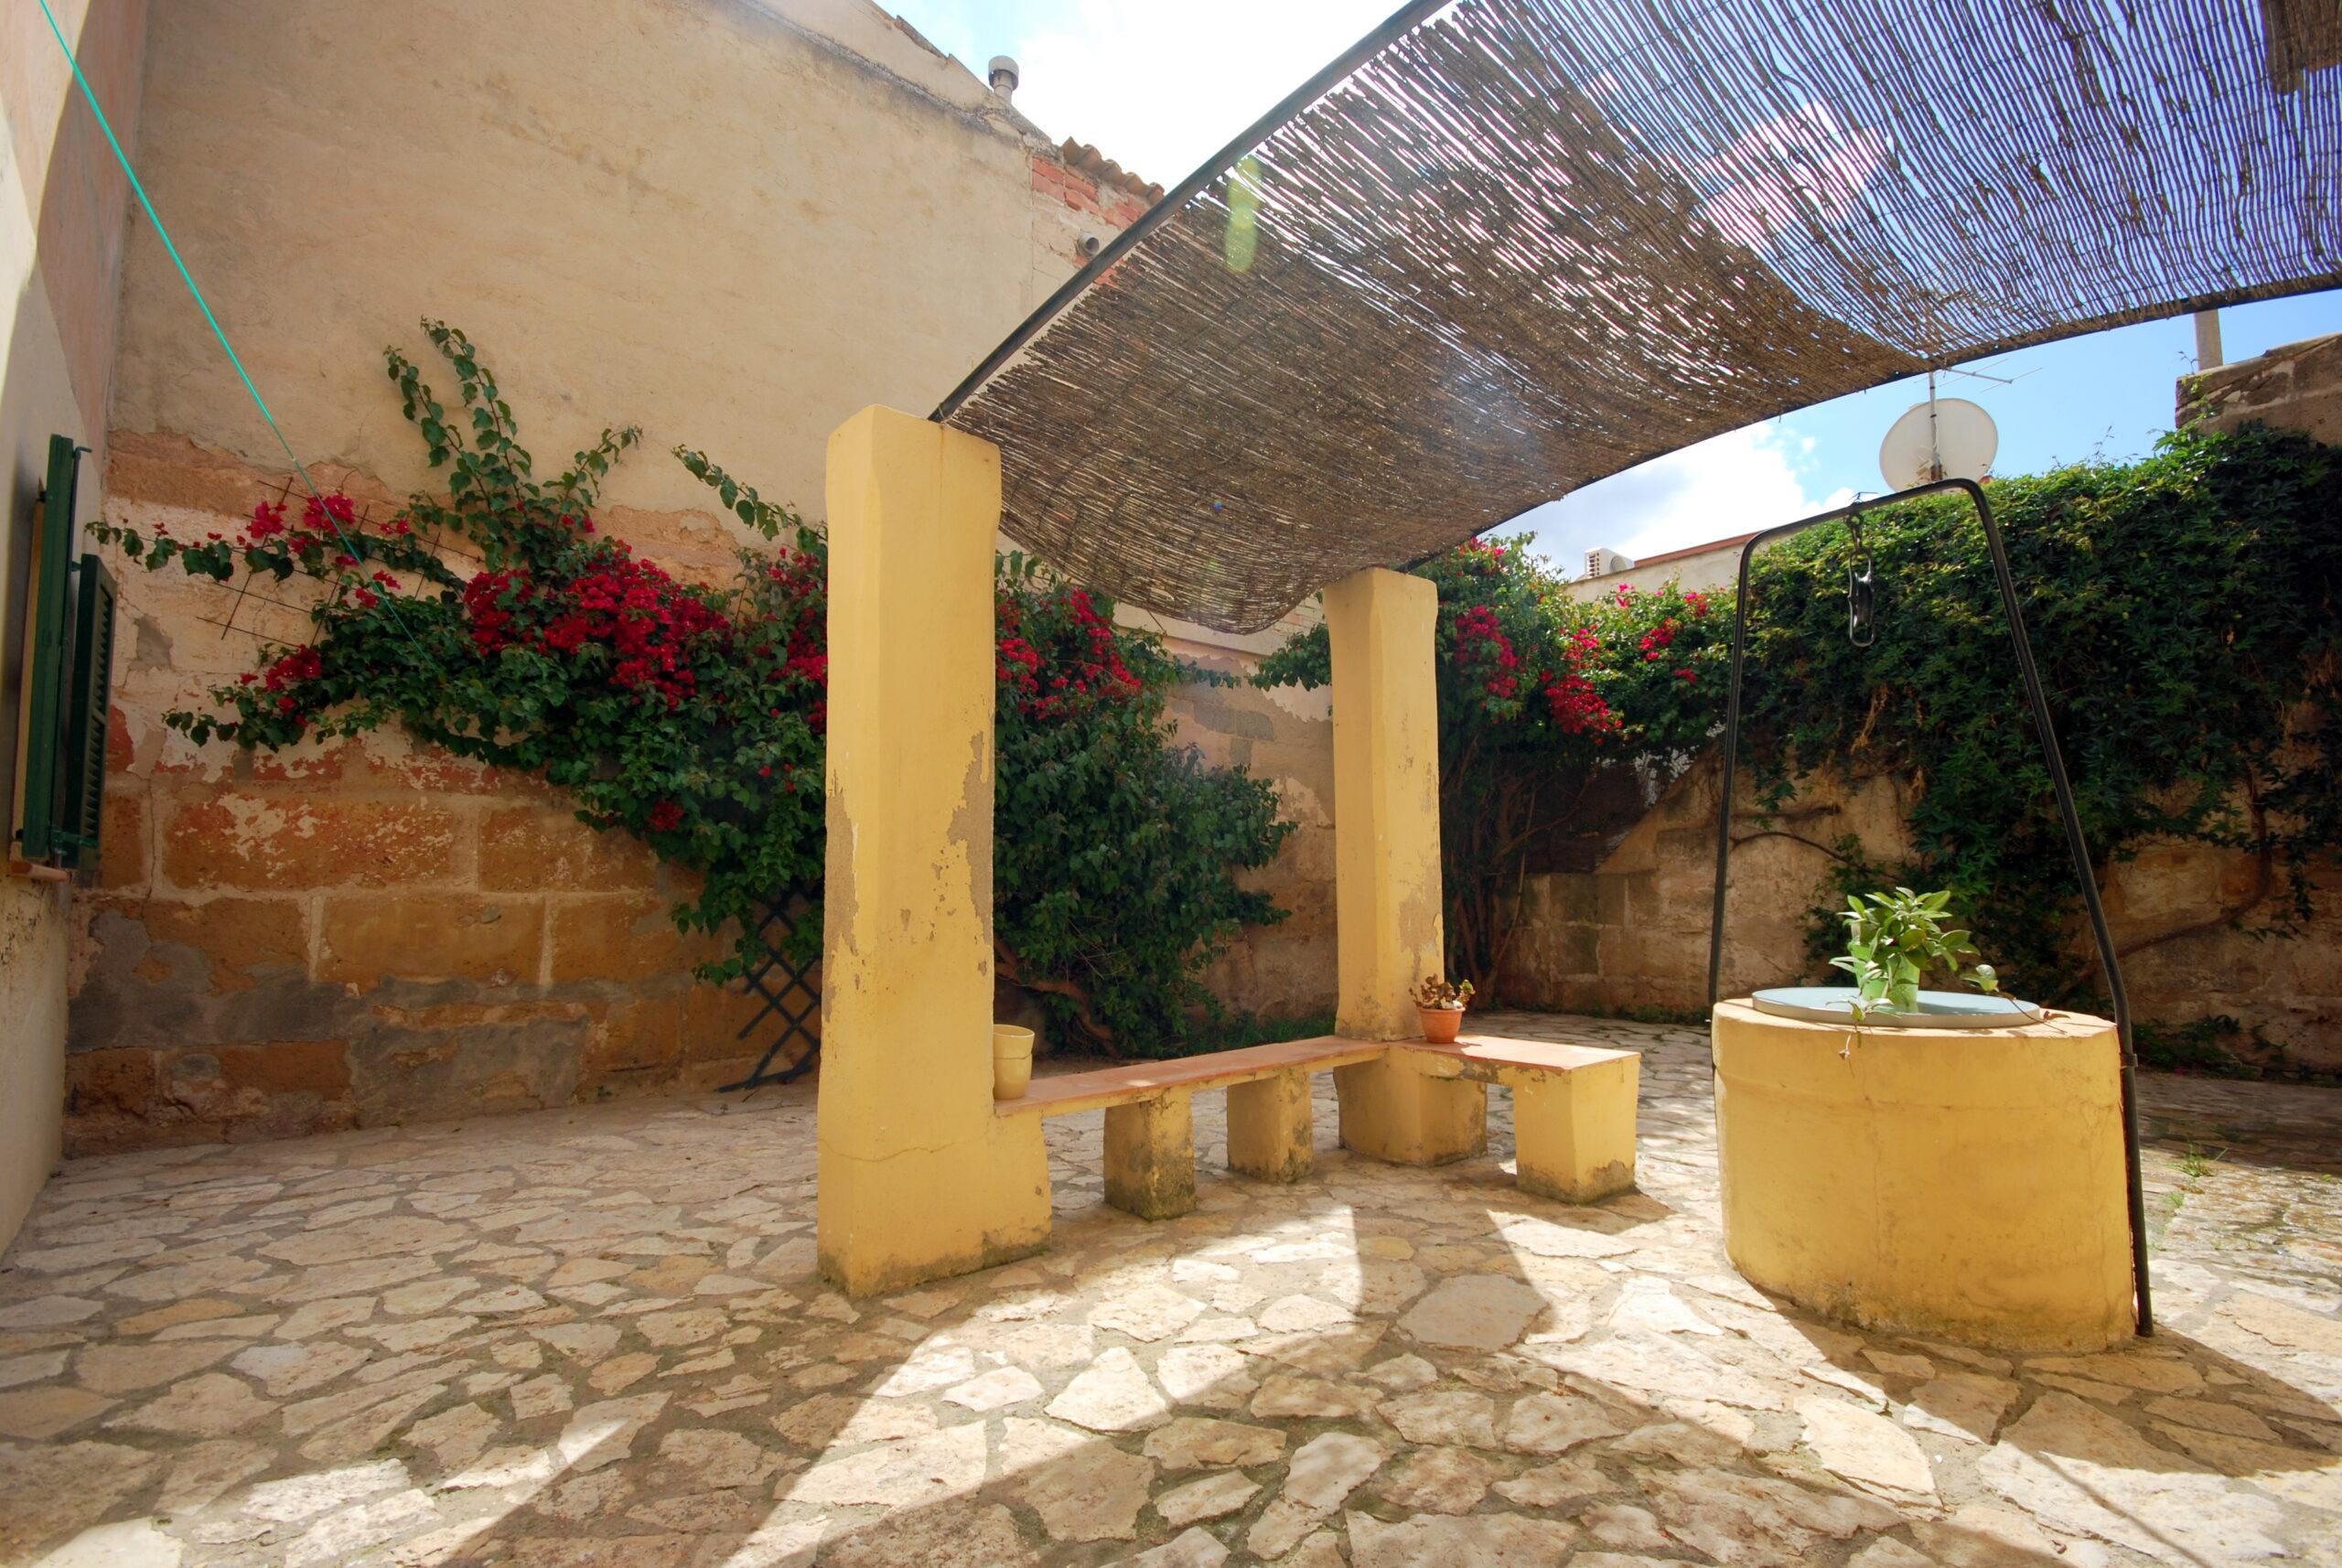 Encantadora casa en el centro del pueblo de Andratx. Muy luminosa , con un precioso patio o jardín central característico en las antiguas casas de pueblo mallorquinas